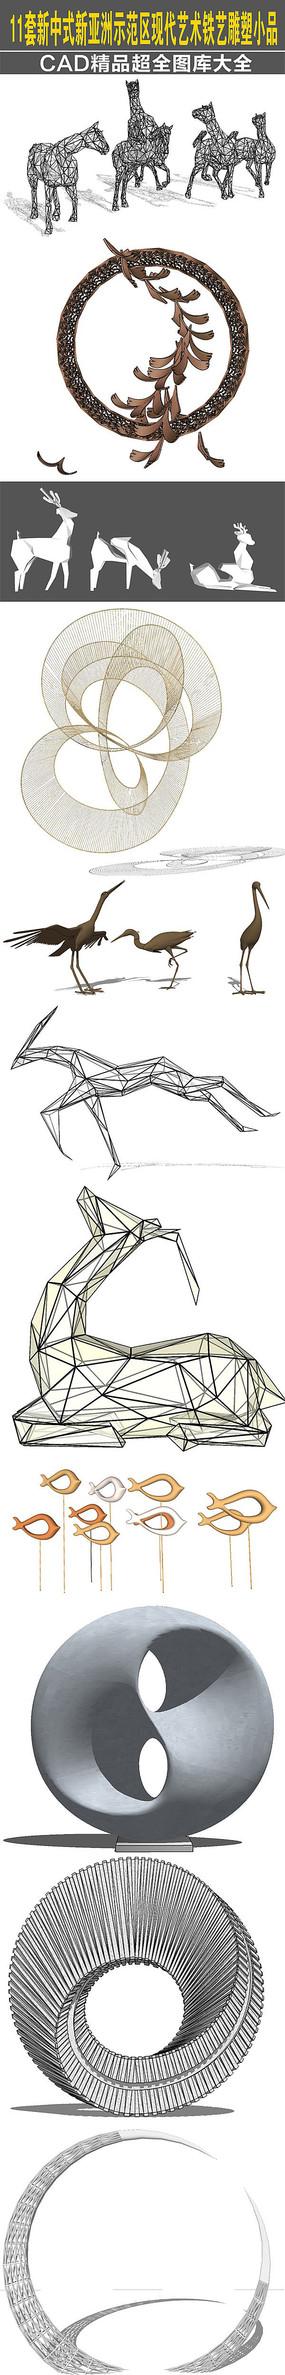 新中式新亚洲铁艺雕塑小品